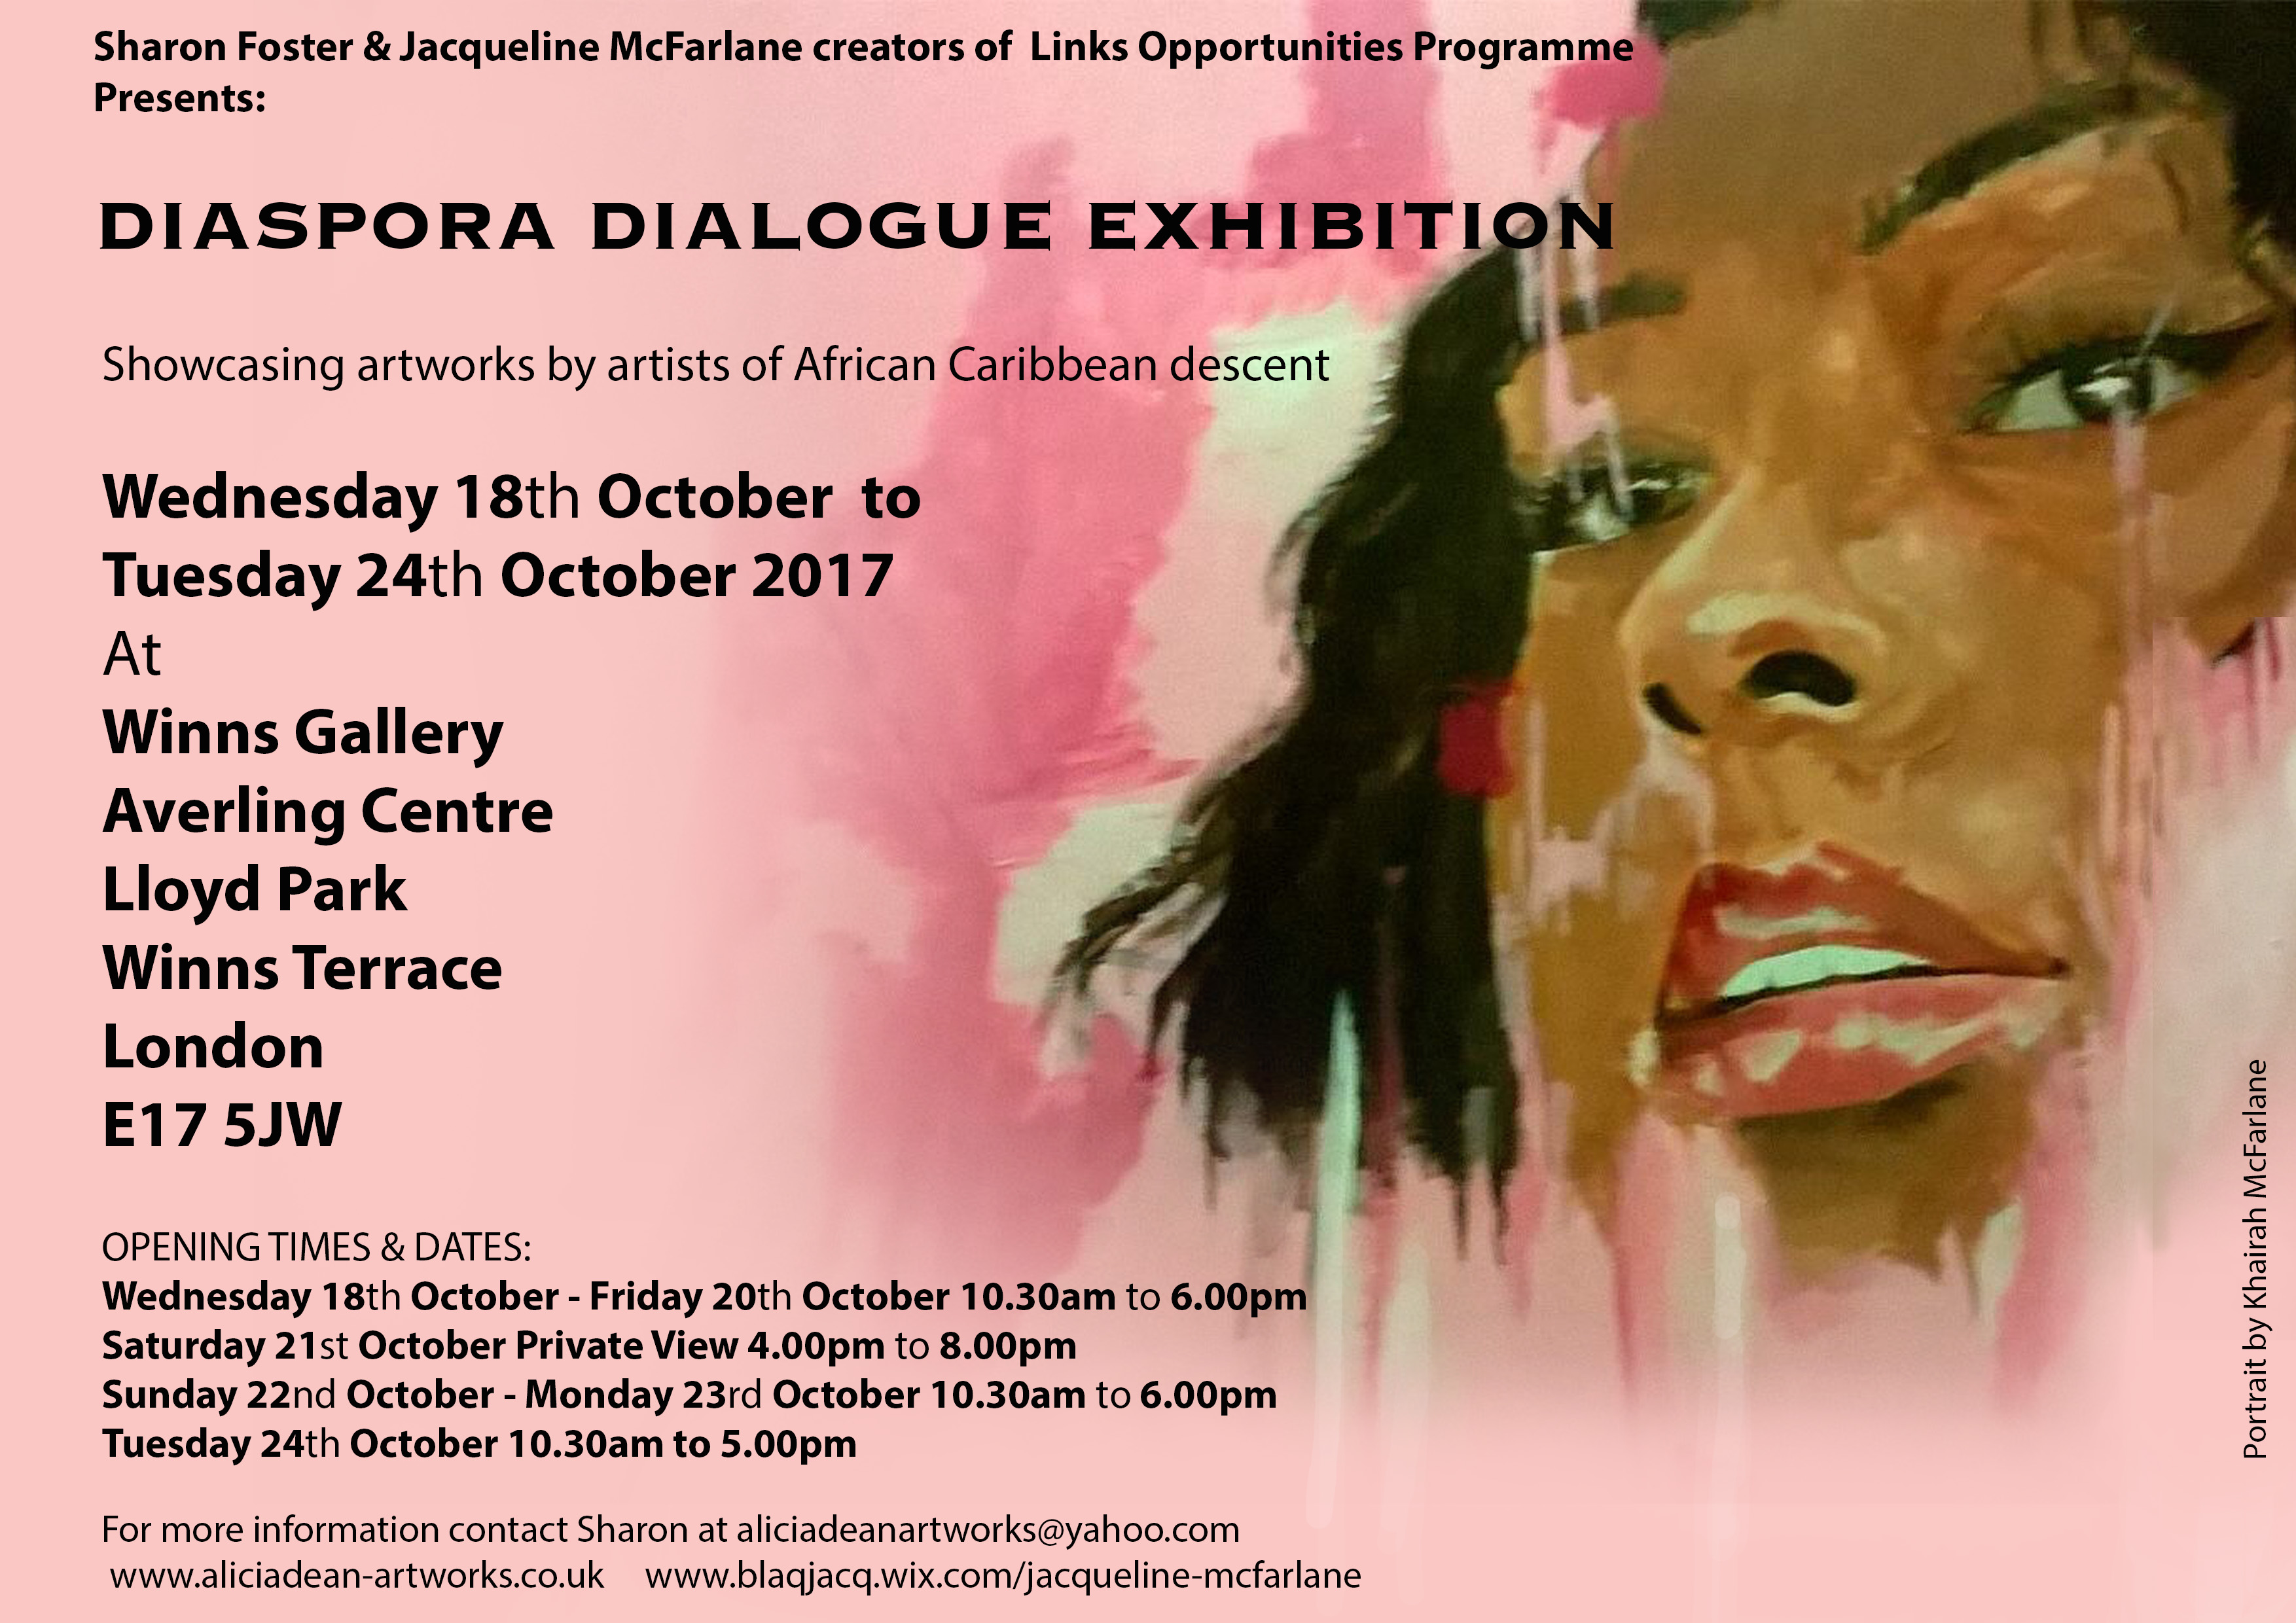 Disapora Dialogue